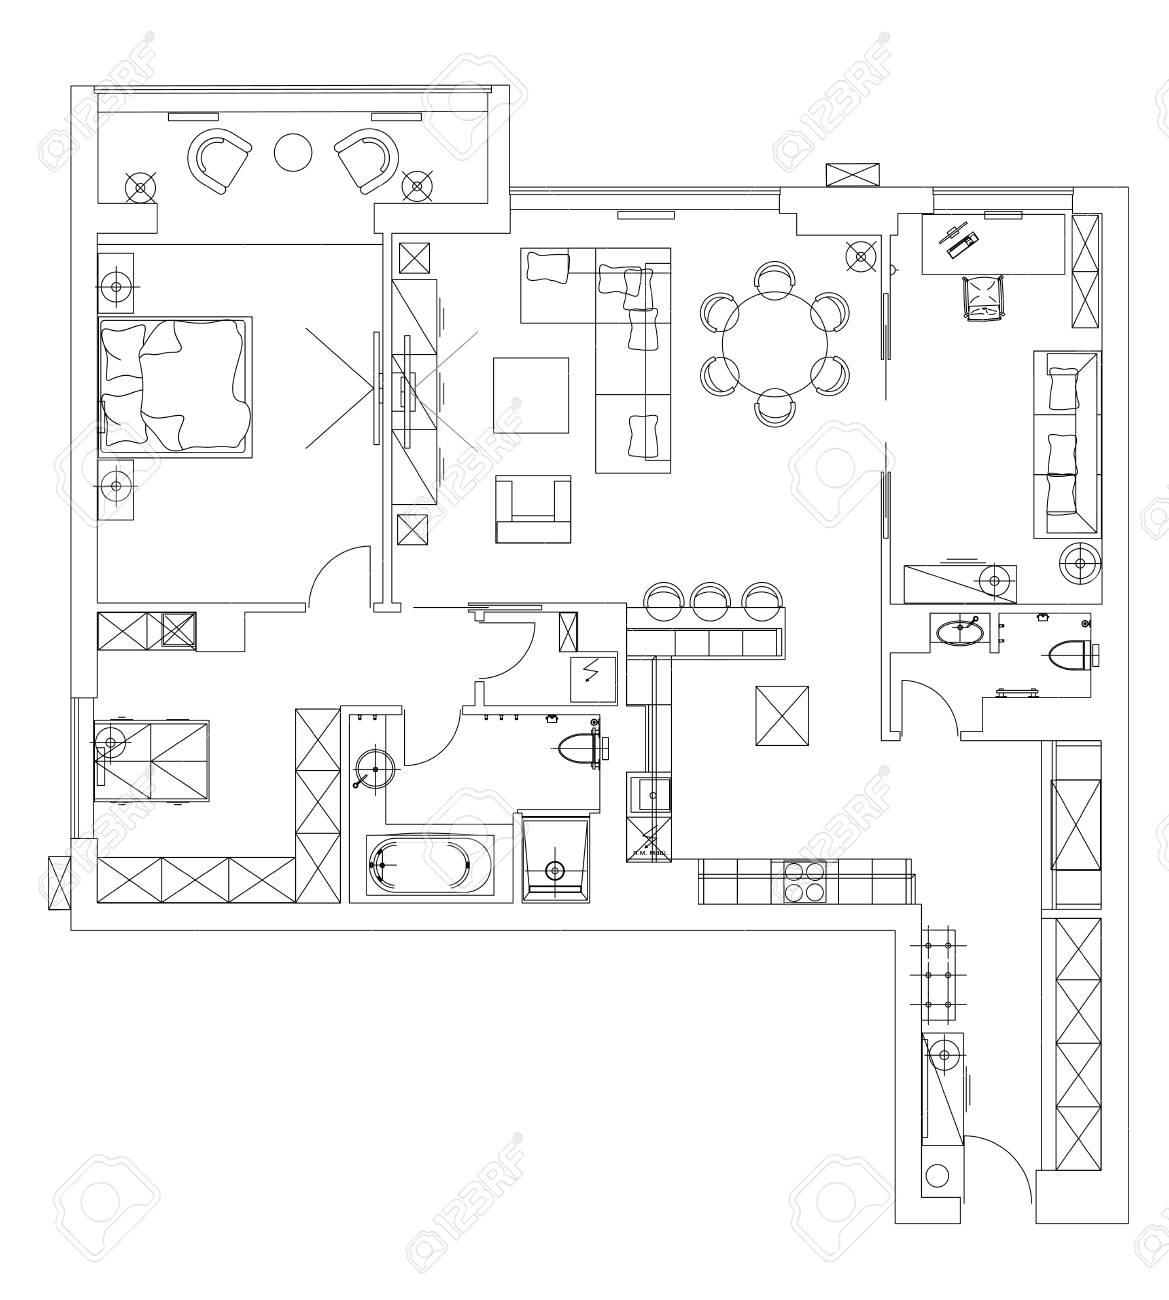 Standard Living Room Furniture Symbols Set